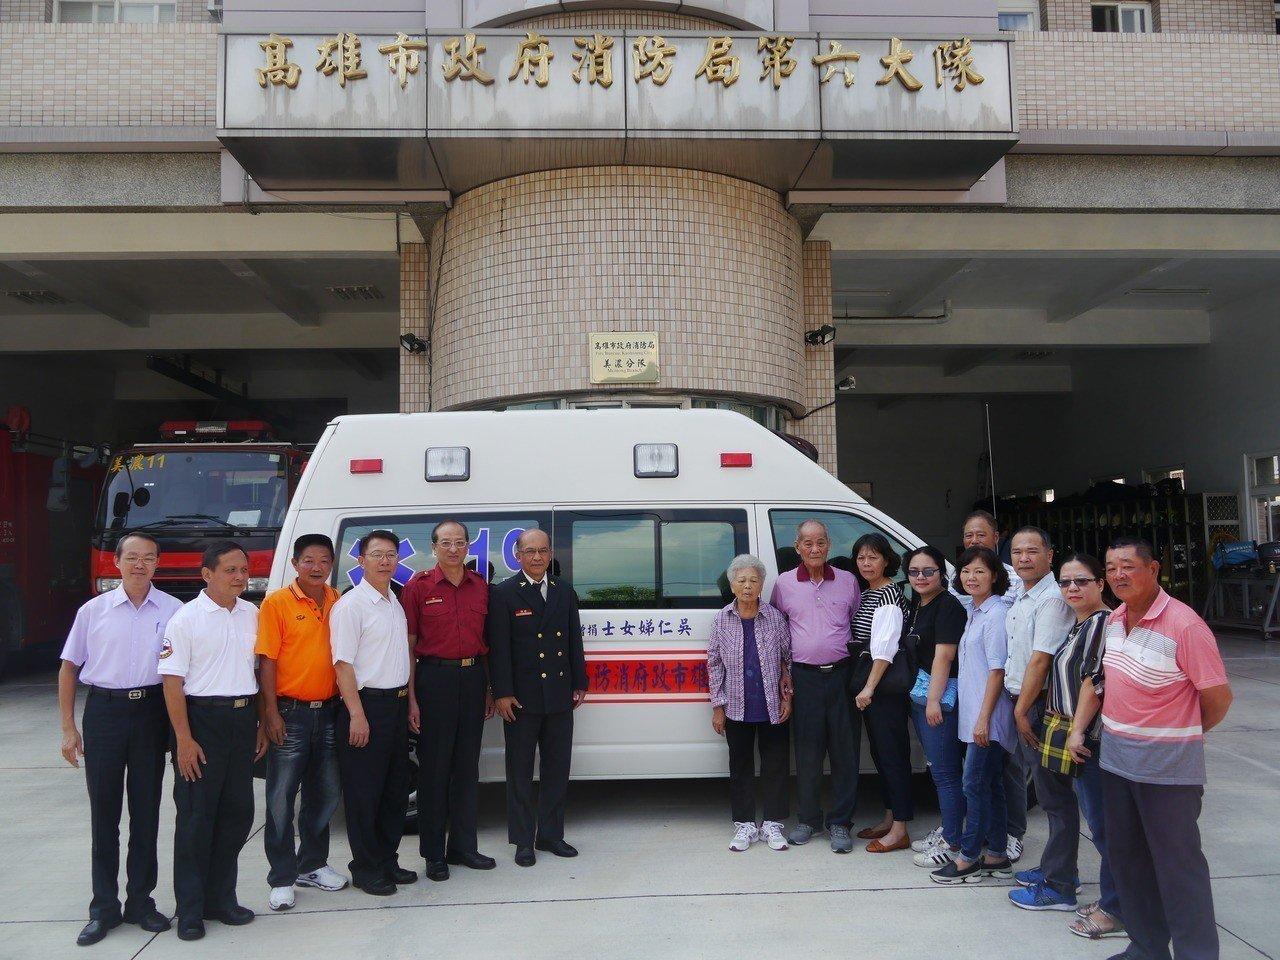 吳連華(右七)以女兒之名捐贈救護車,幫女兒完成回饋社會的心願。記者徐白櫻/攝影